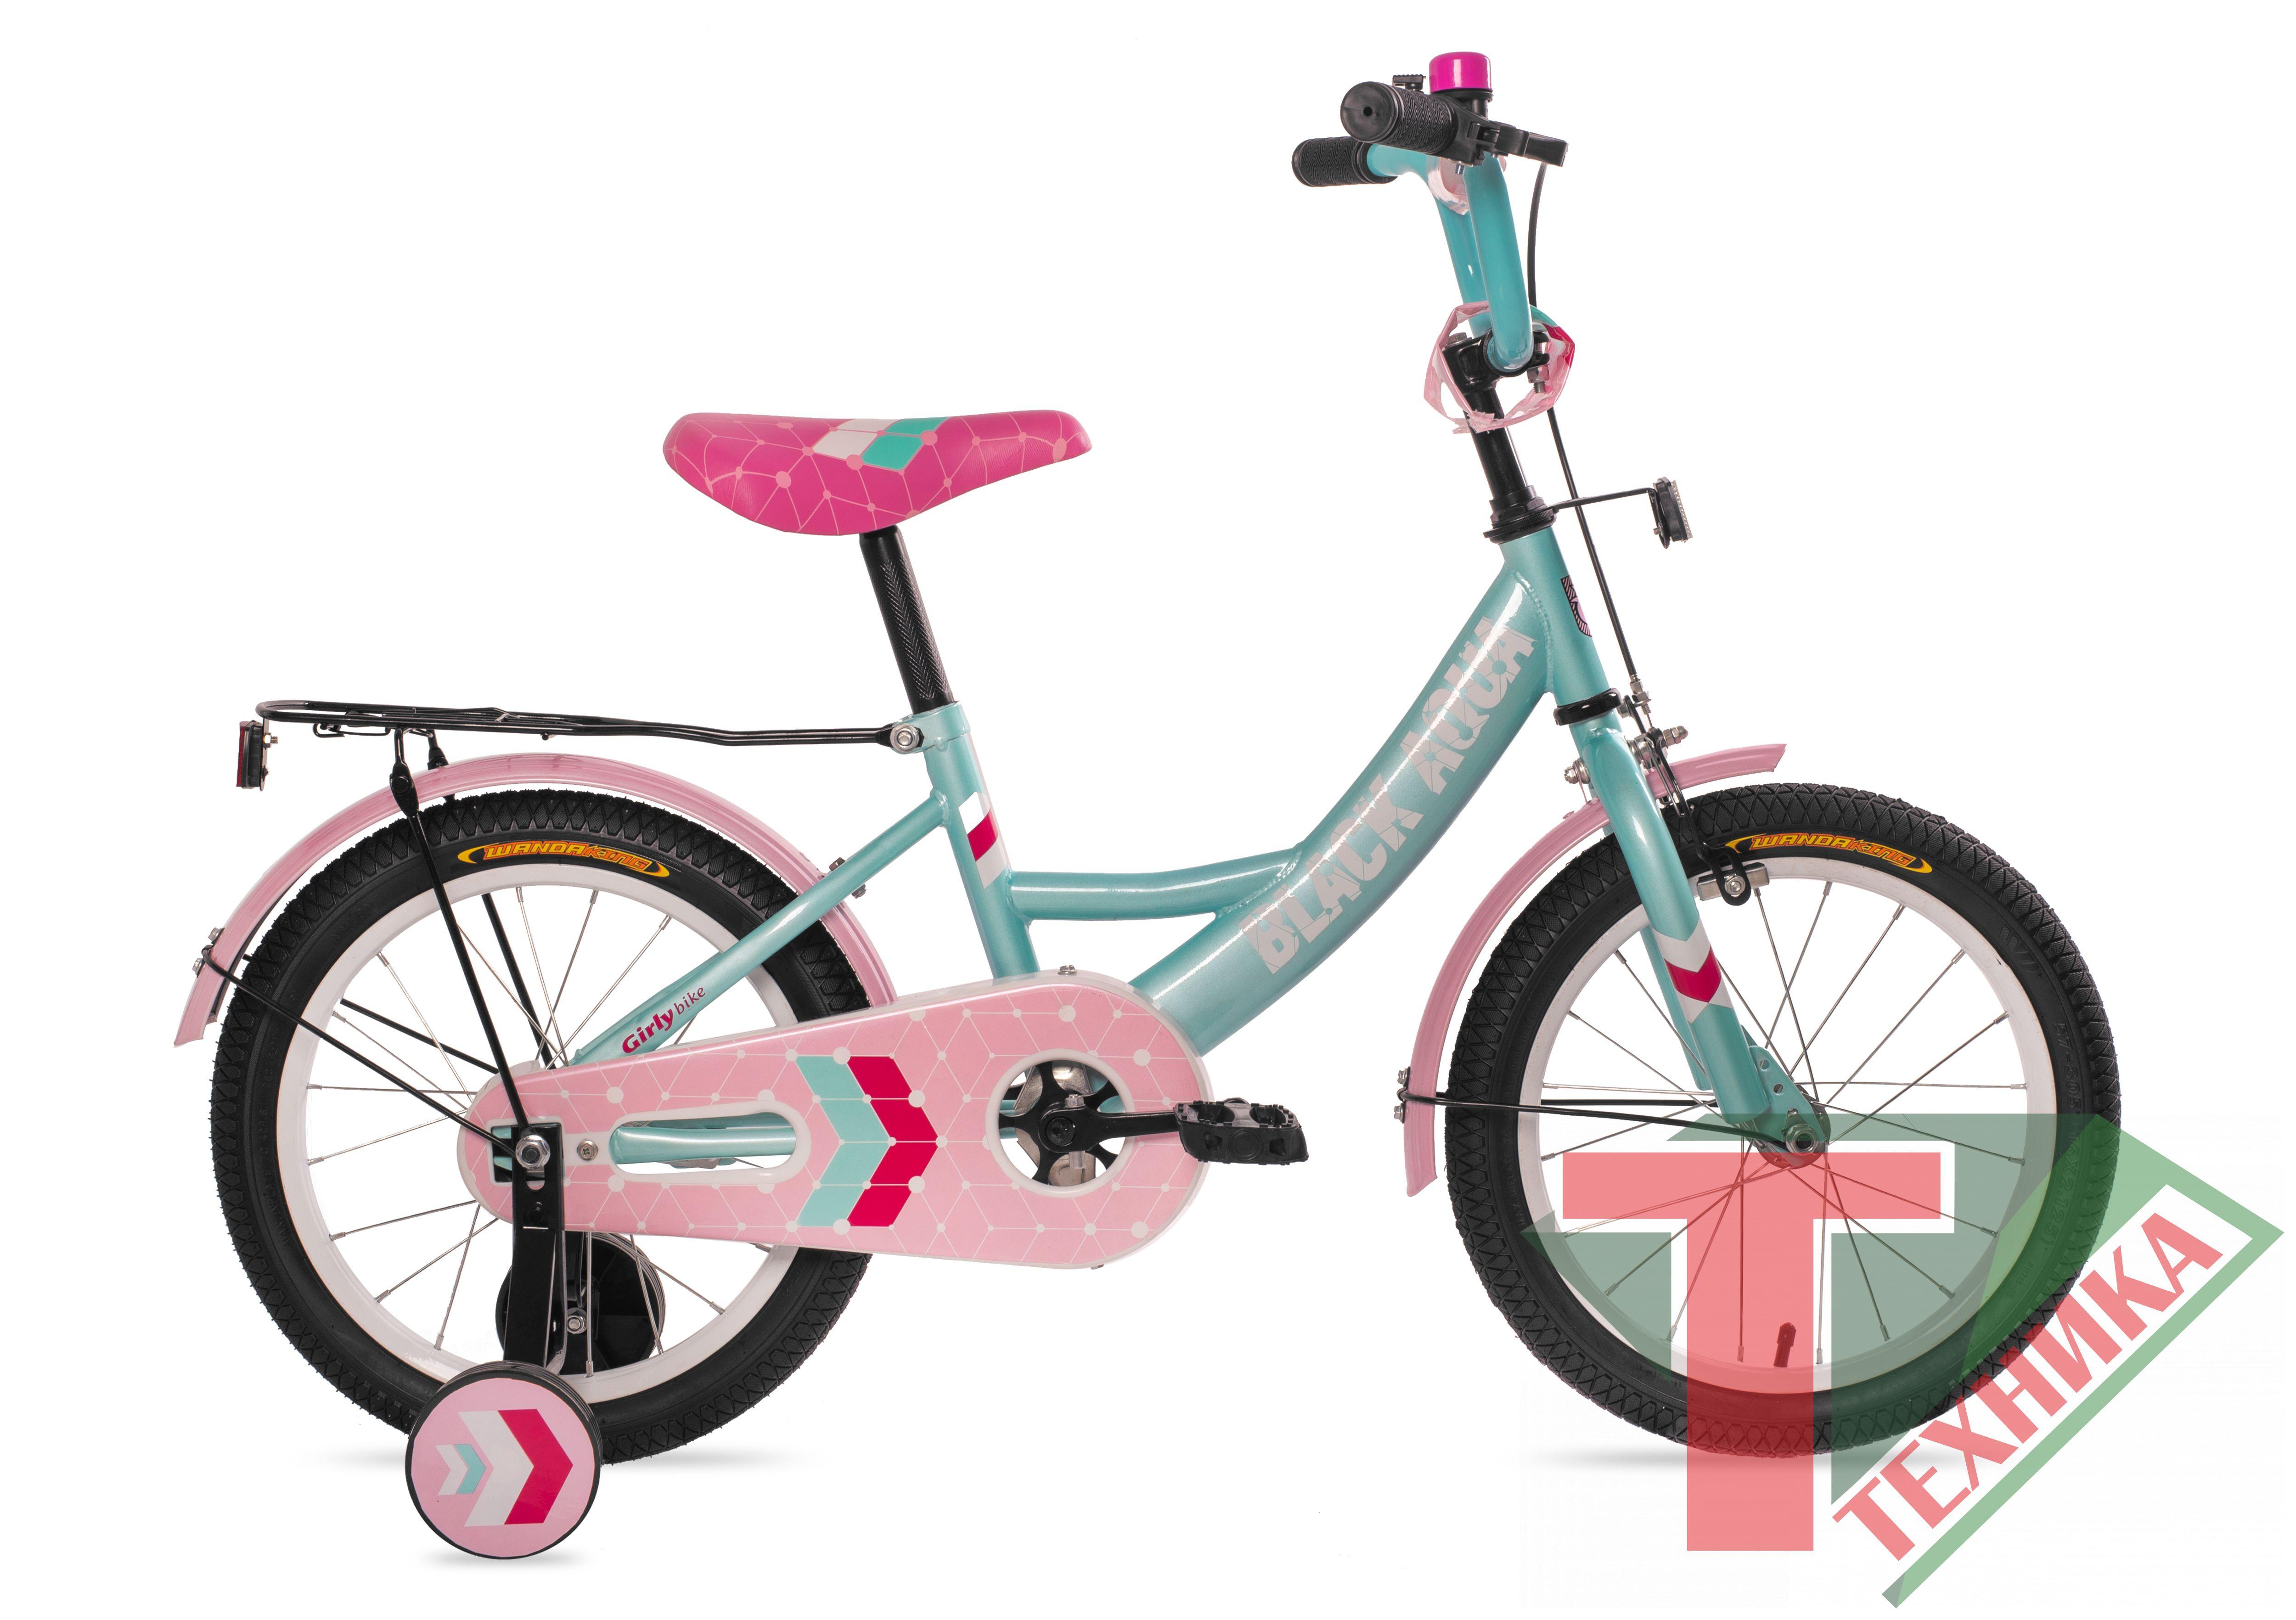 Велосипед HH-1206 Black aqua 1206-T